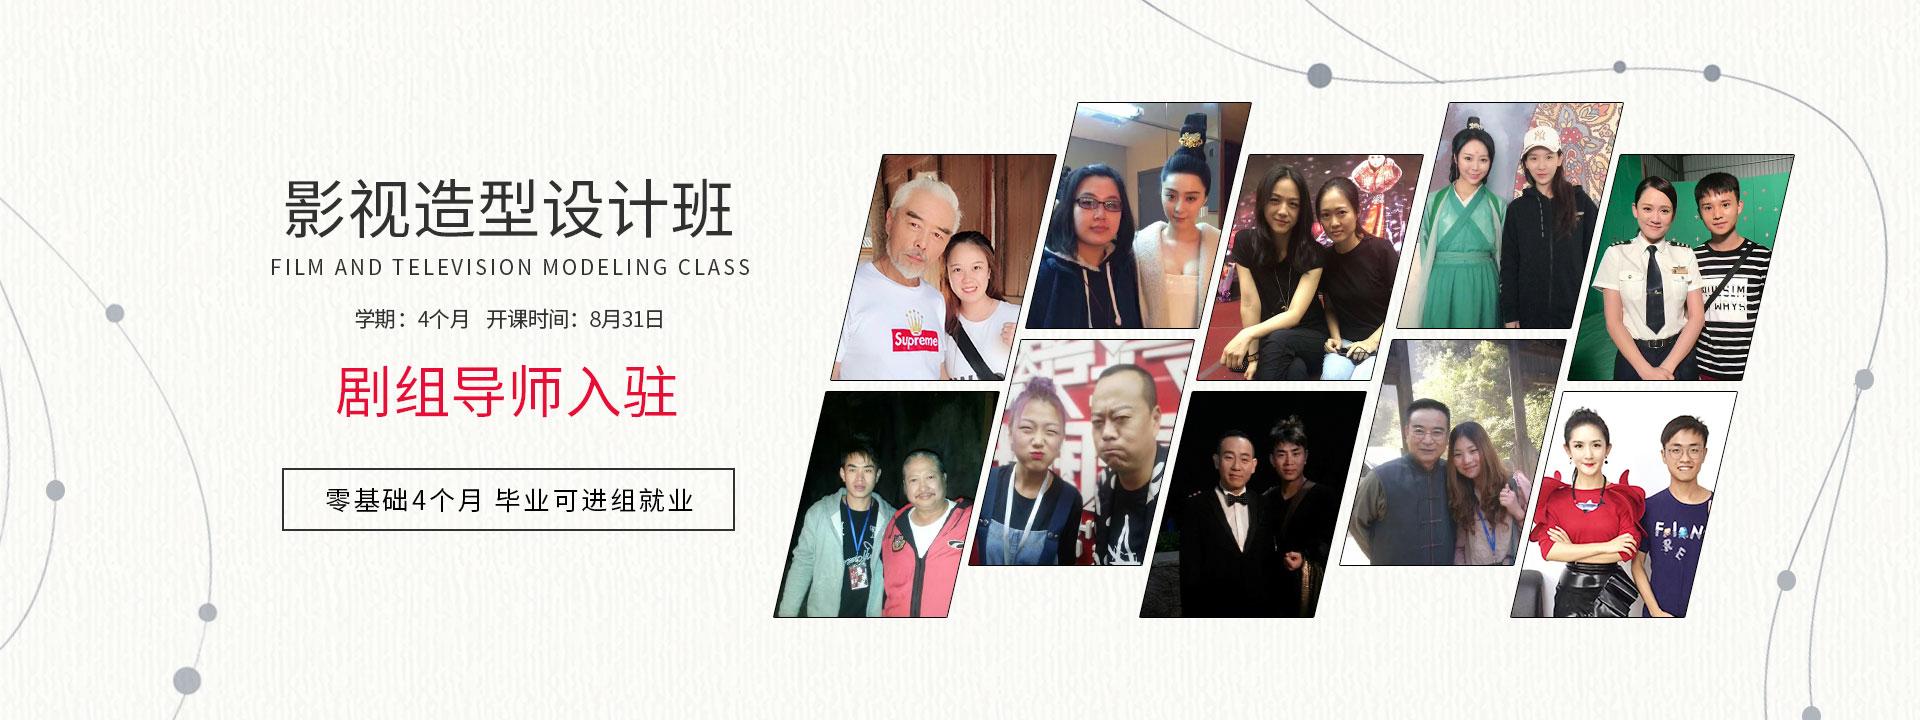 北京黑光化妆学校影视造型婚纱照设计班